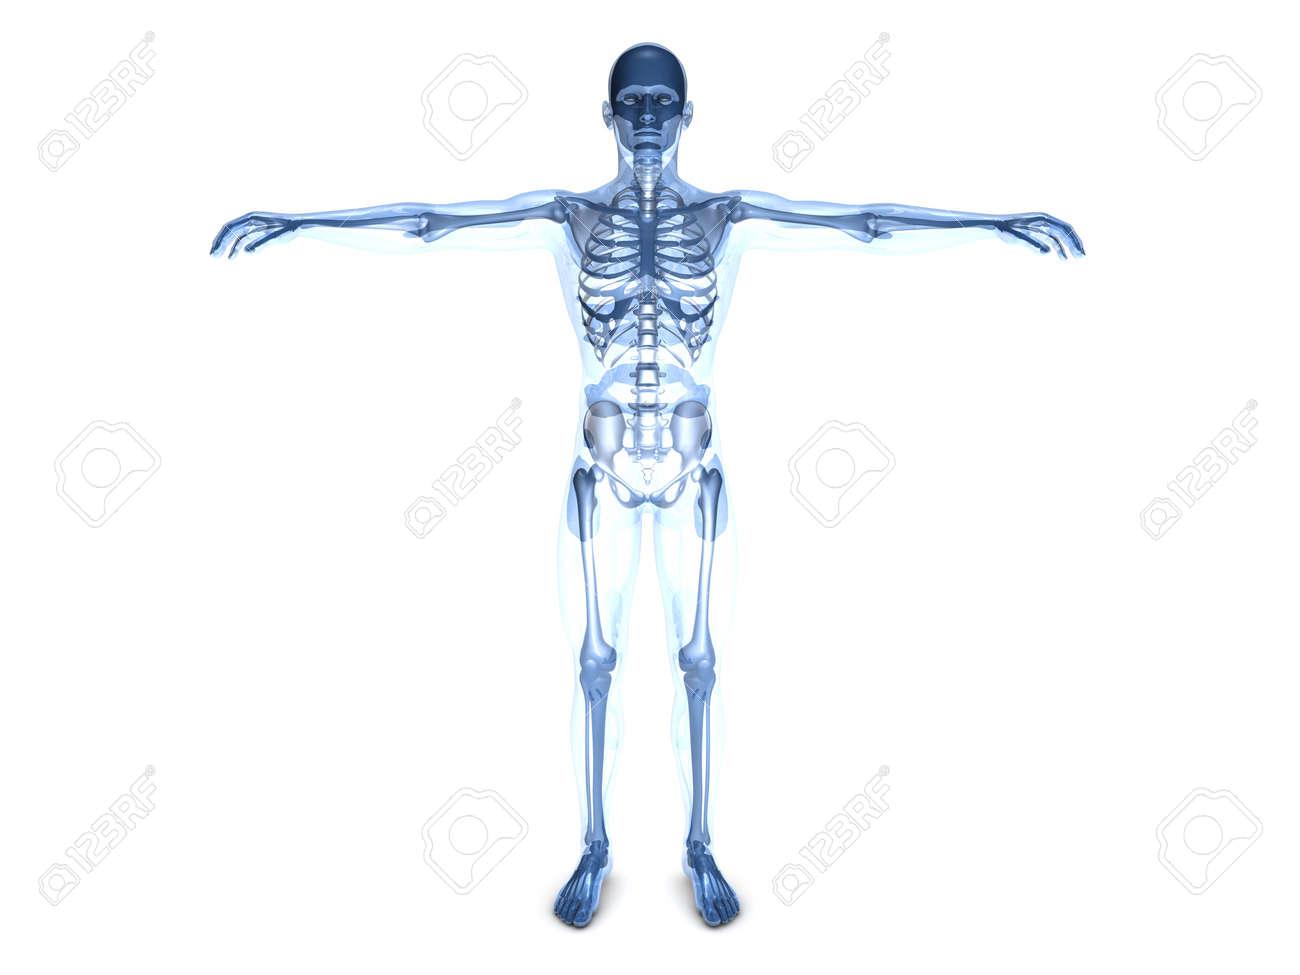 Una Visualización Médica De La Anatomía Humana 3D Representa La ...